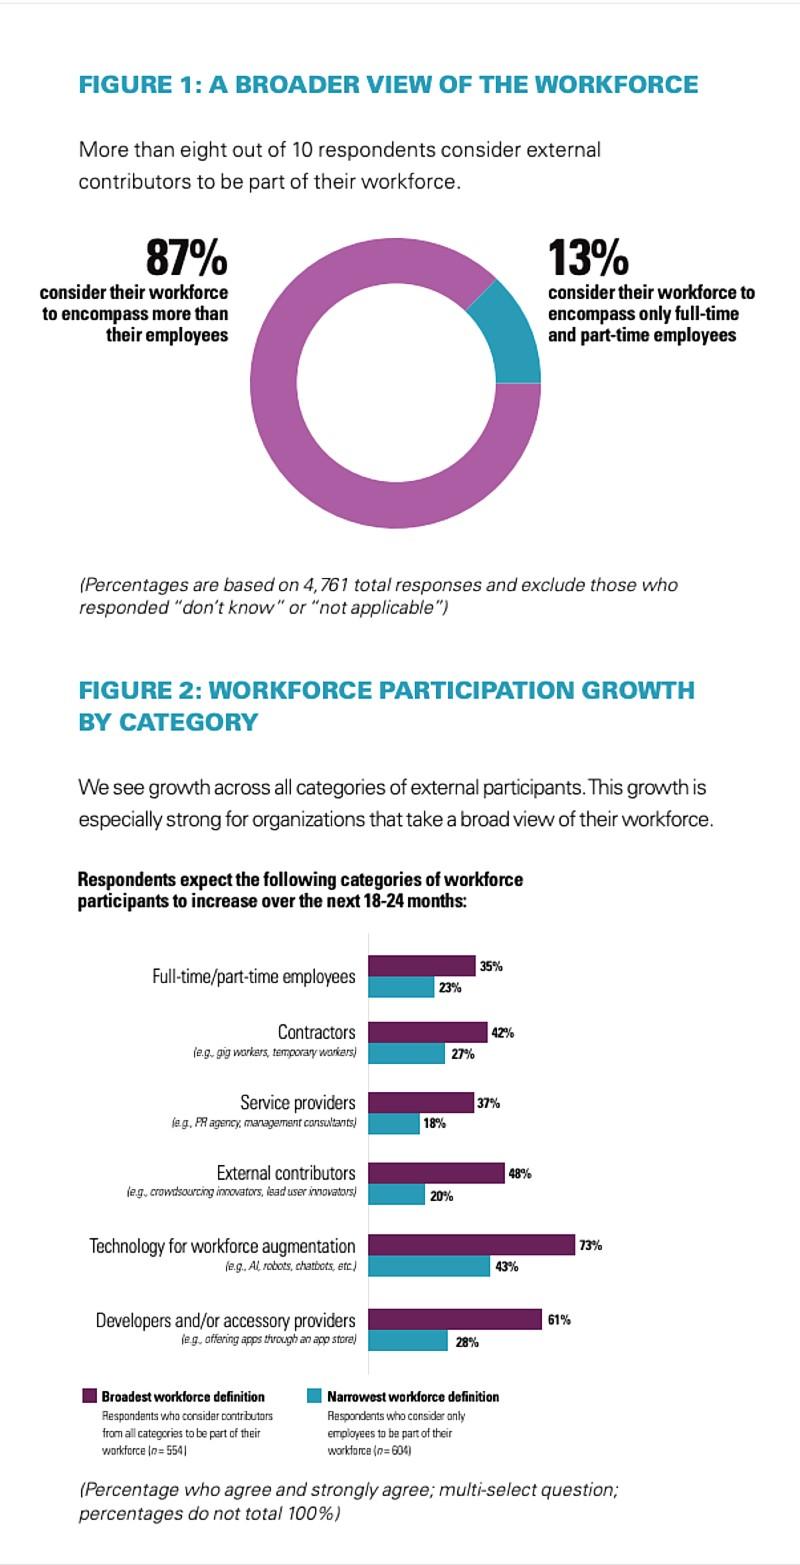 gráfico mostra empresas que trabalham com ecossistema de força de trabalho